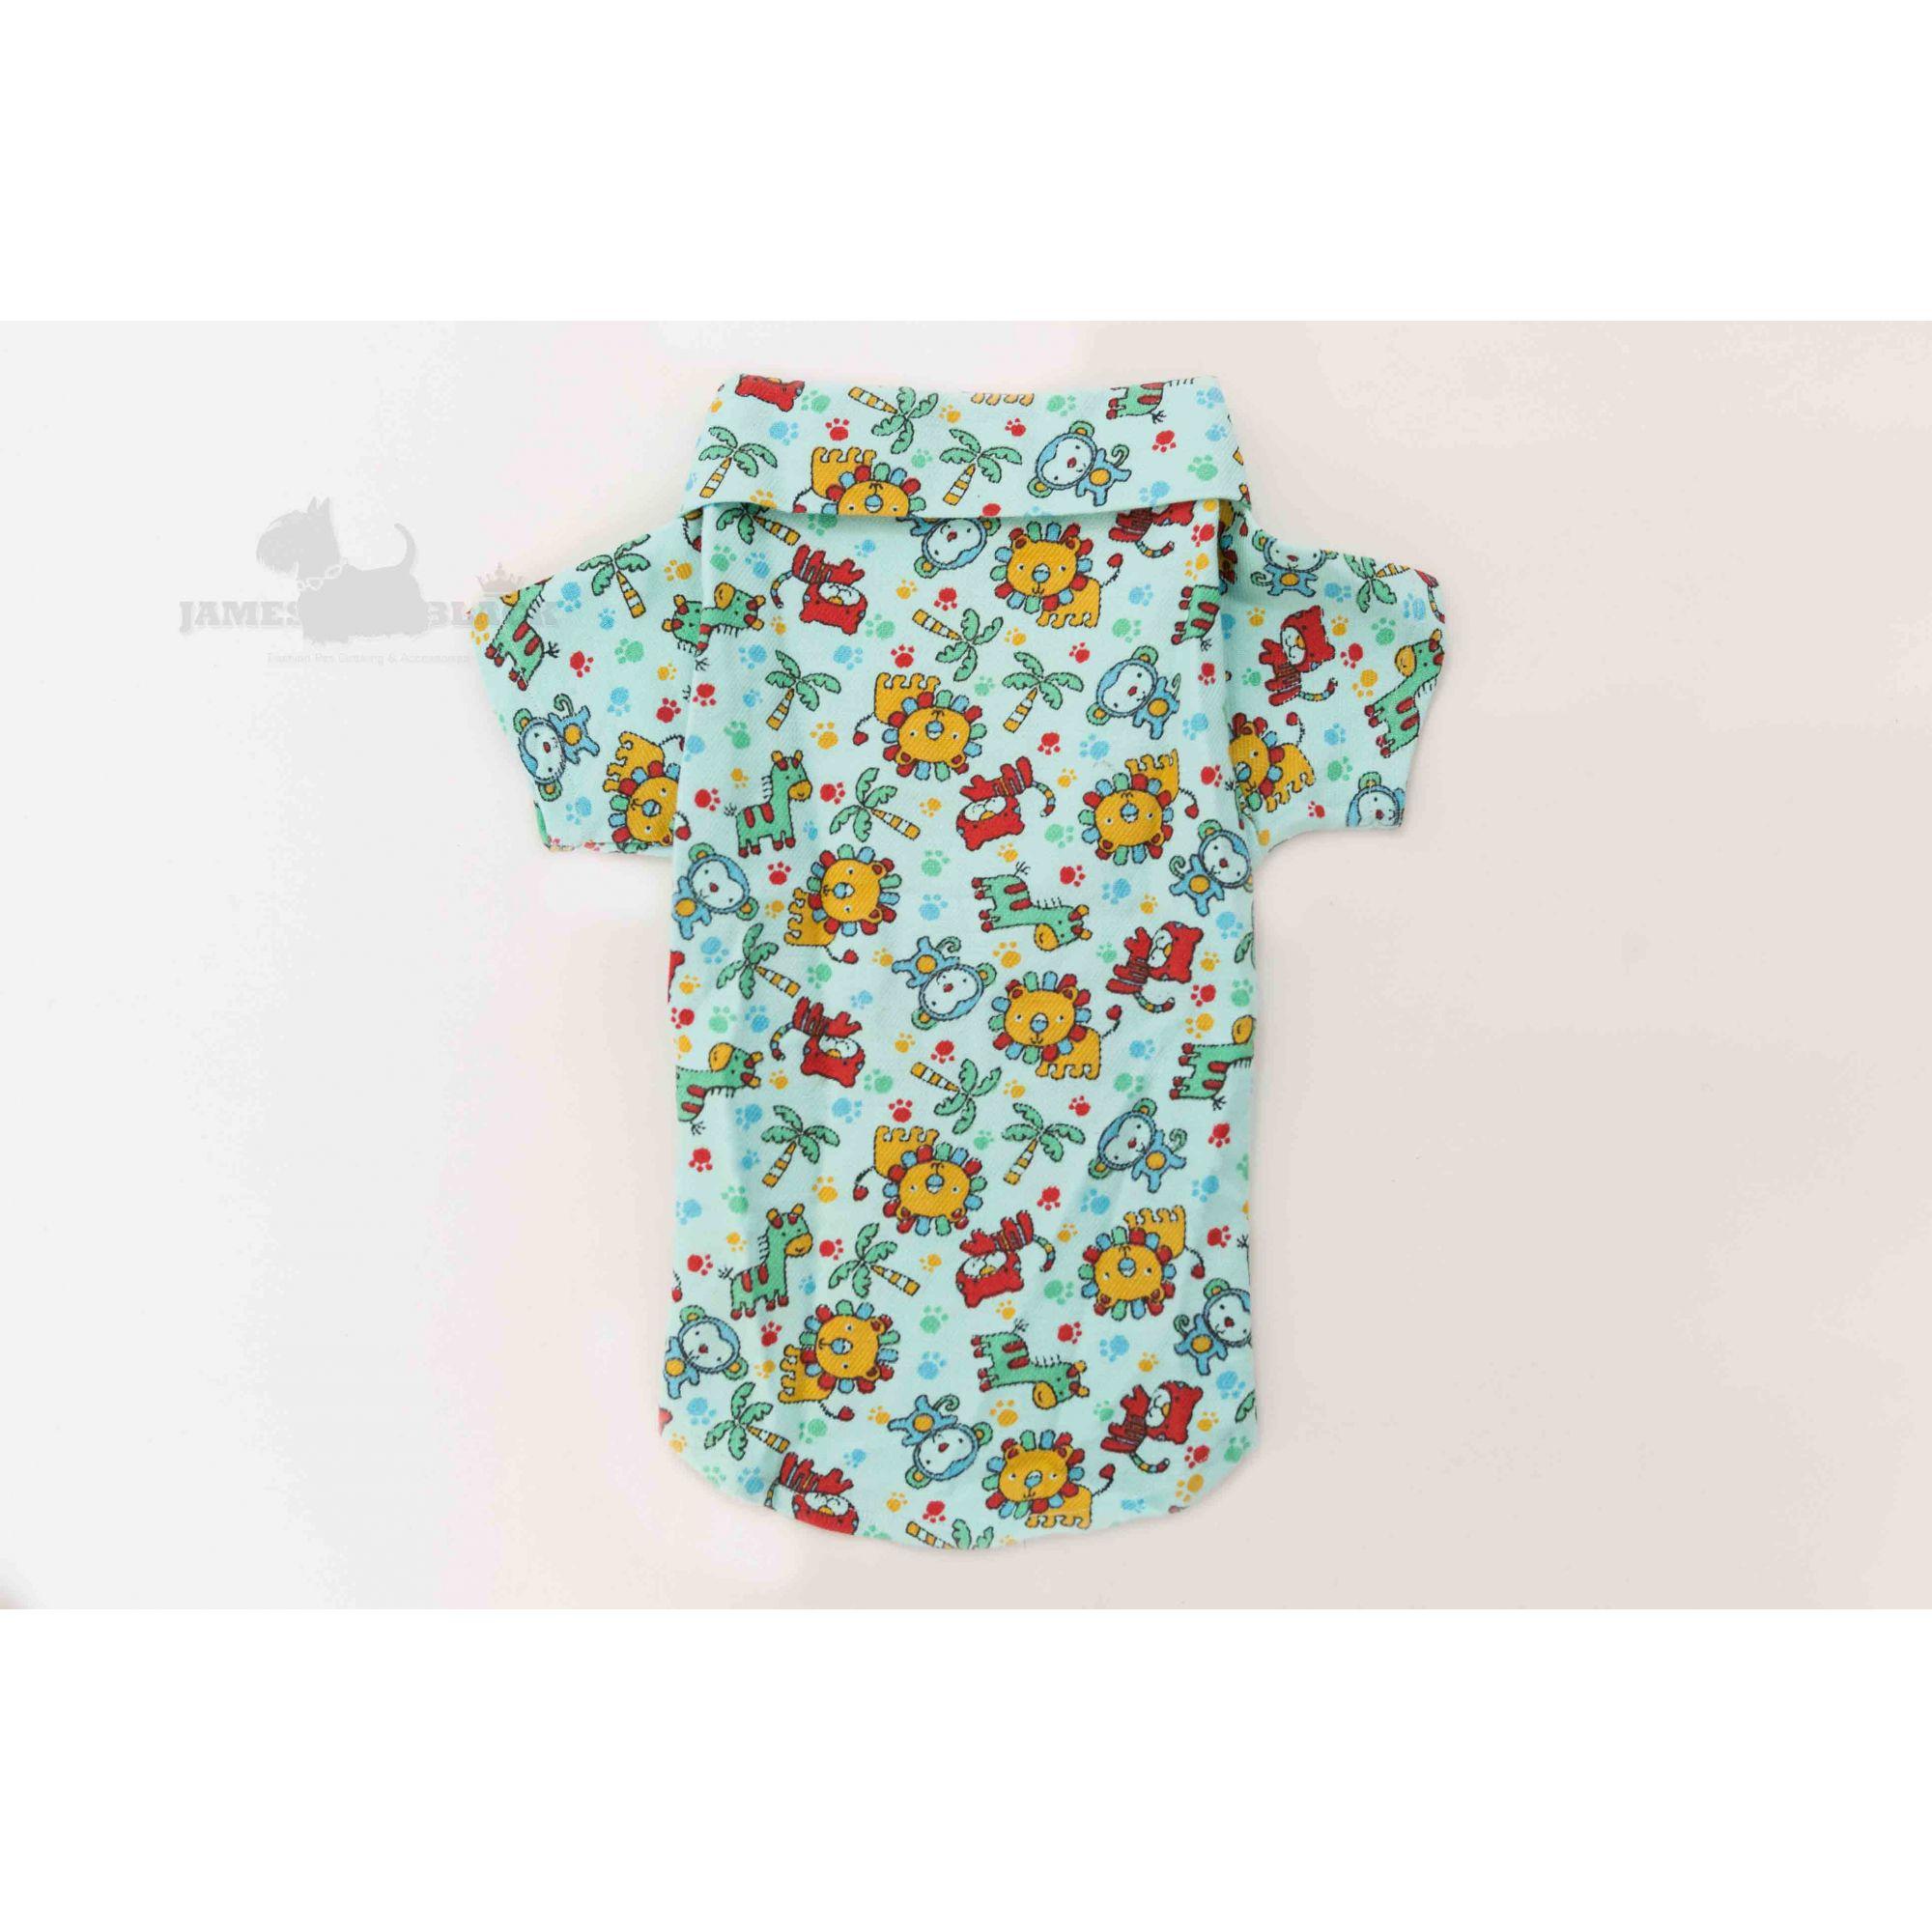 Pijama Pet Flanelado Verde com Estampa bichos